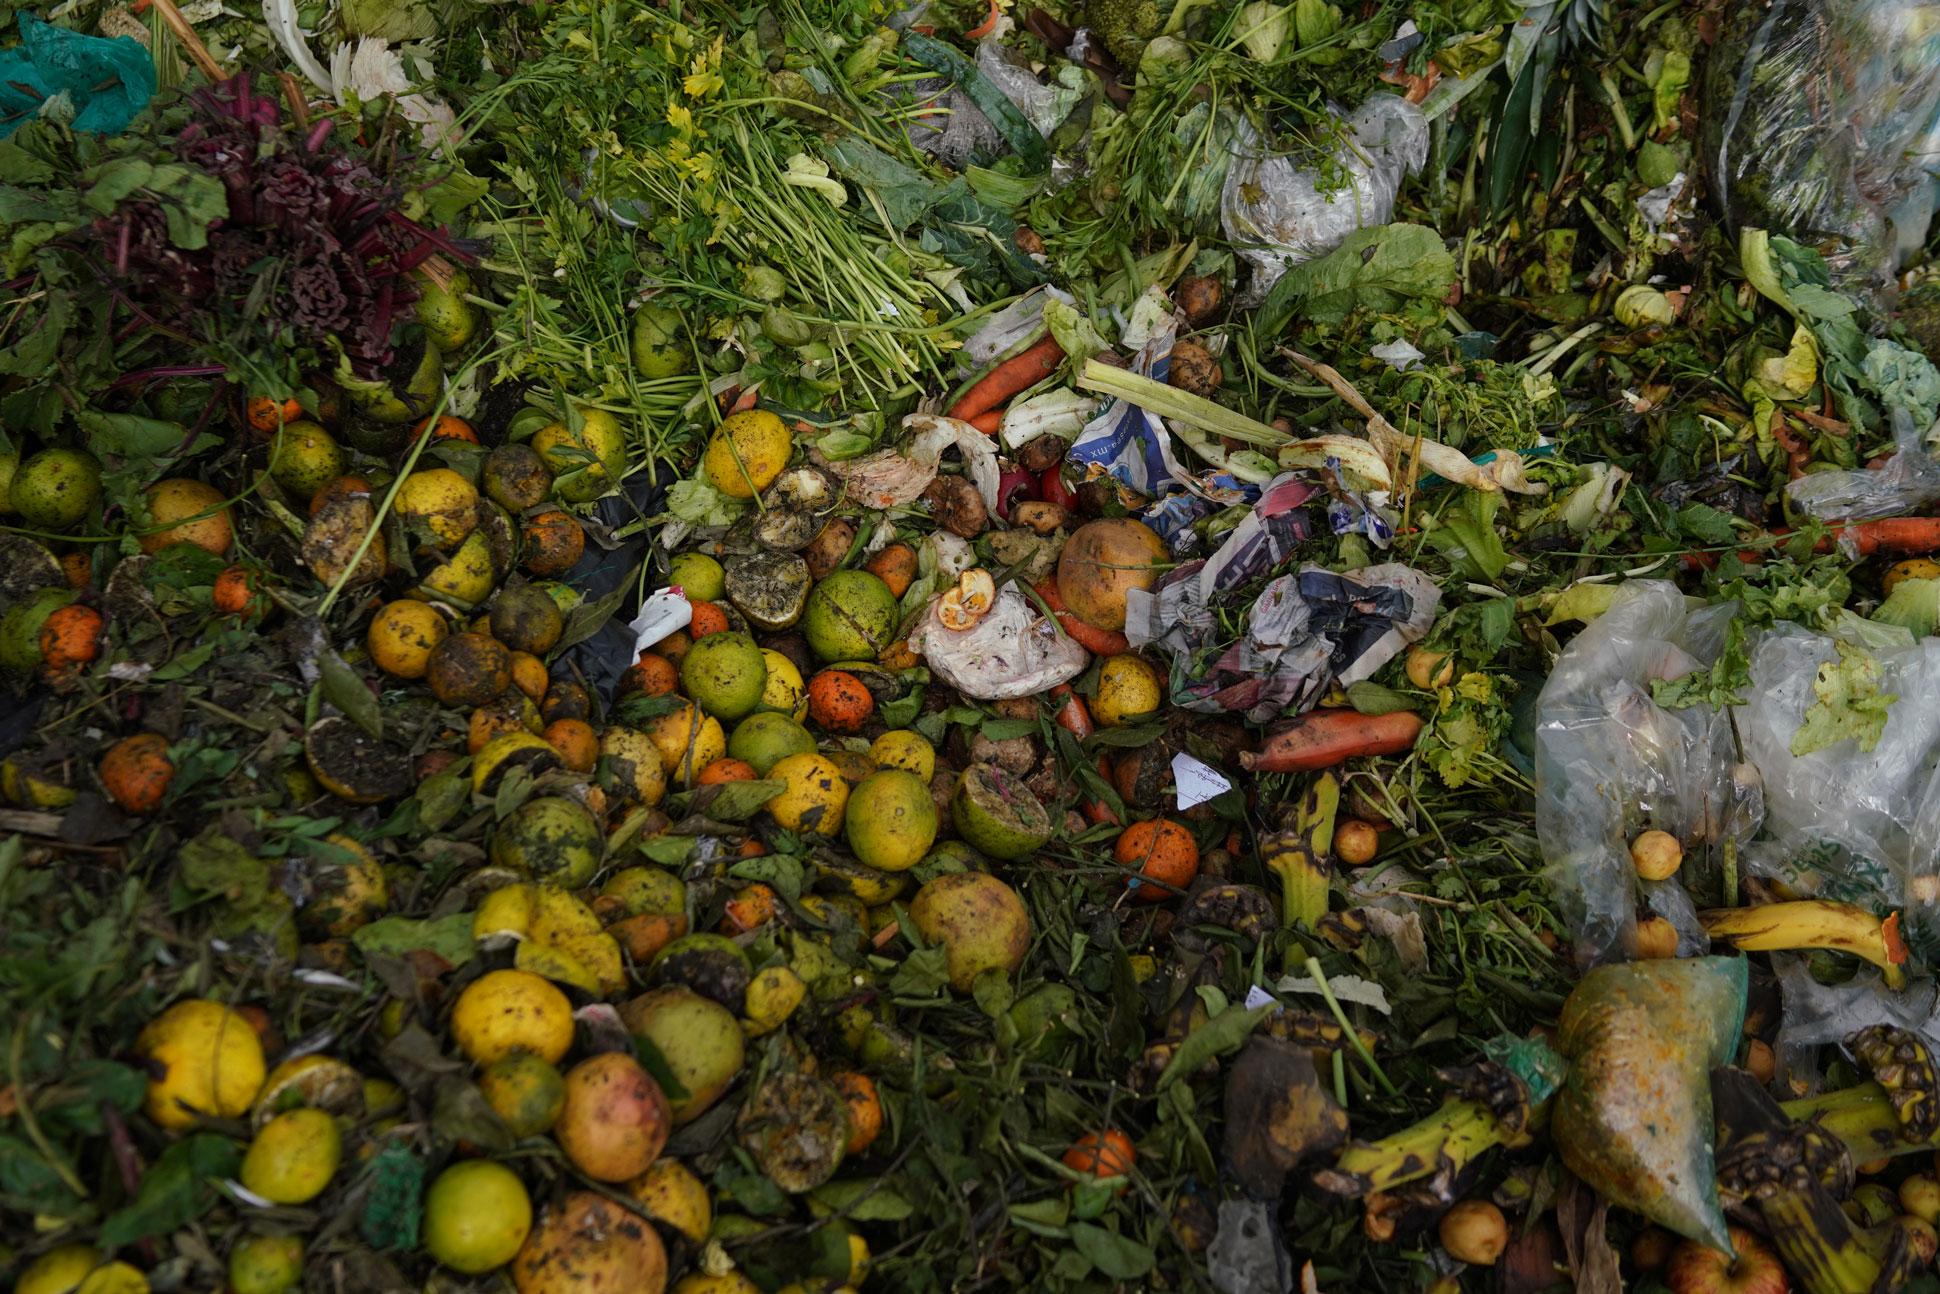 central-de-abastos-el-agujero-negro-de-los-desperdicio-de-alimentos-en-ciudad-de-mexico 2